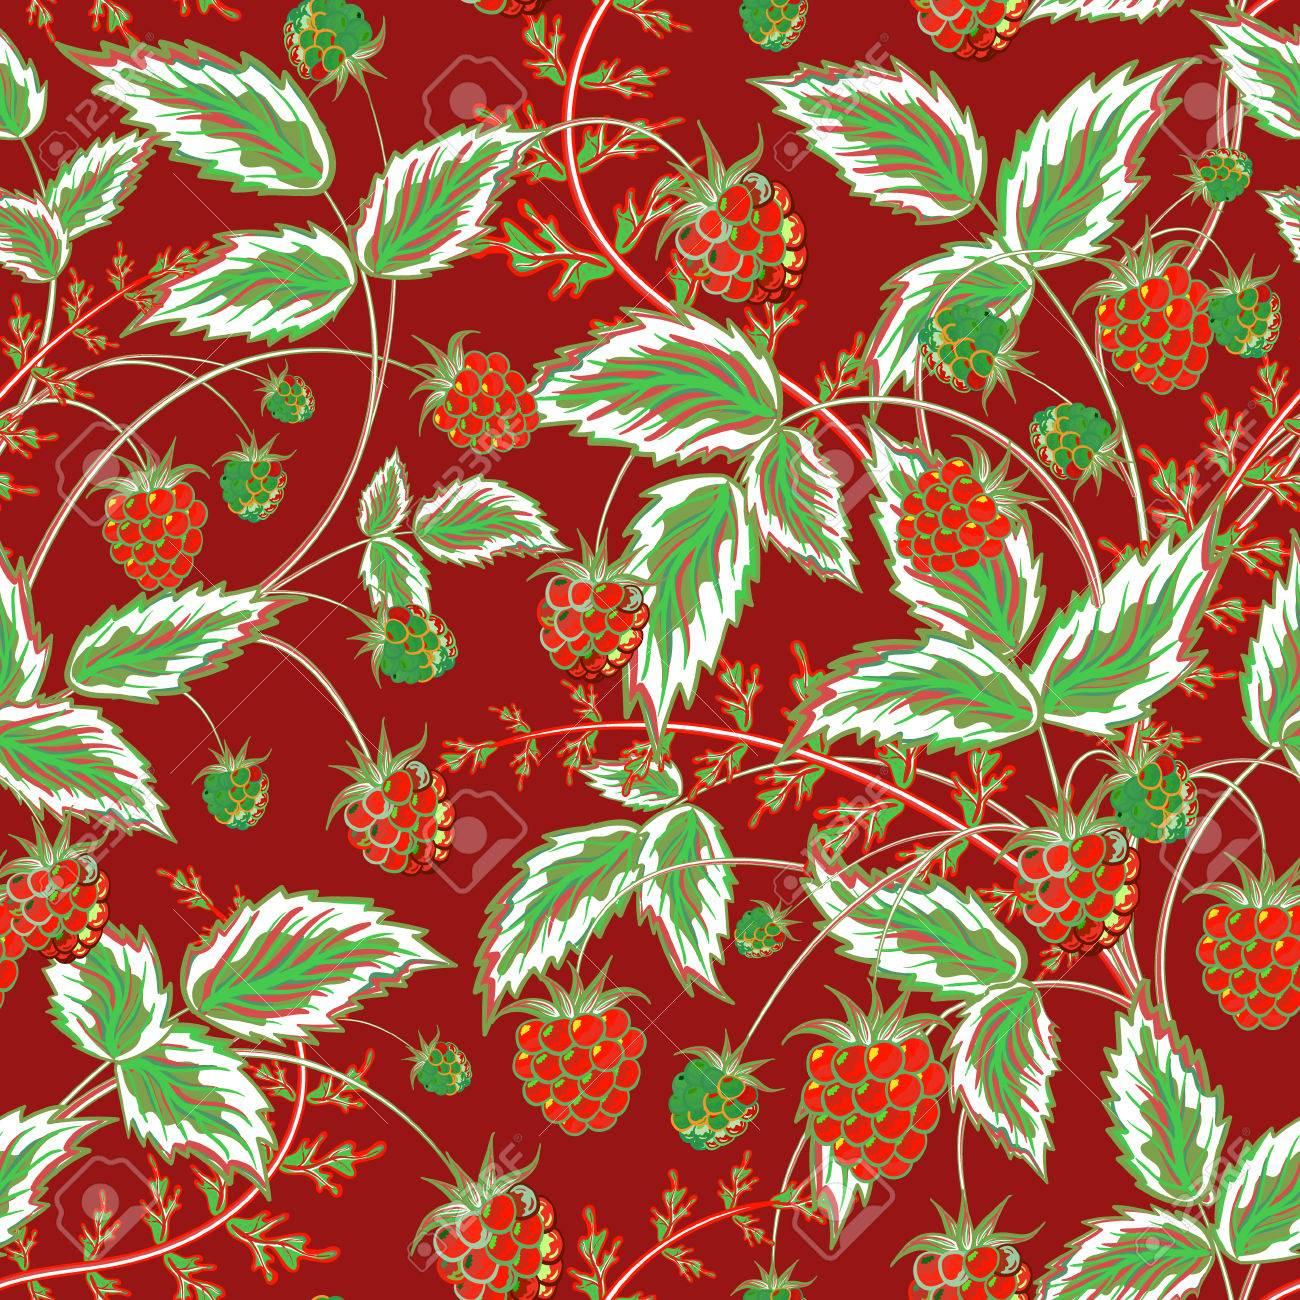 Framboises Seamless Pattern Colore Seamless Avec La Main De Couleur